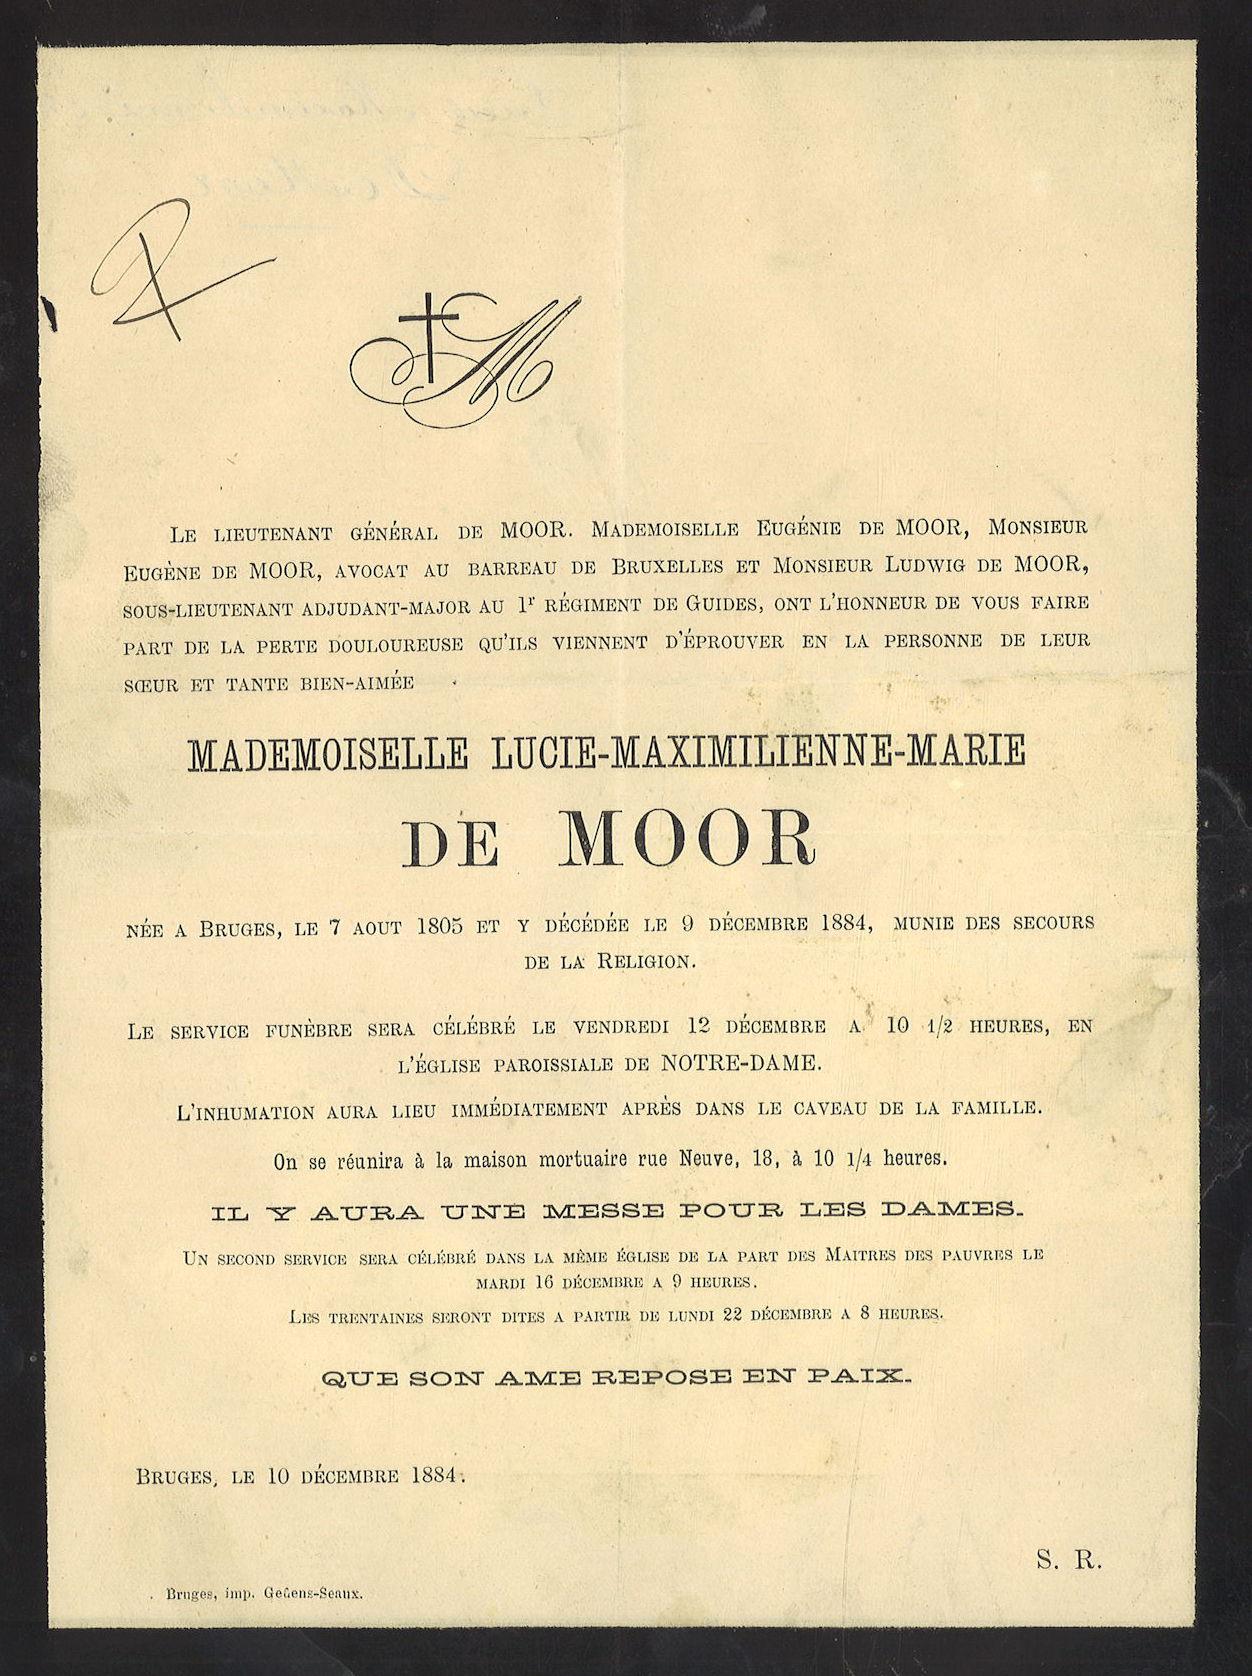 Lucie-Maximilienne-Marie De Moor